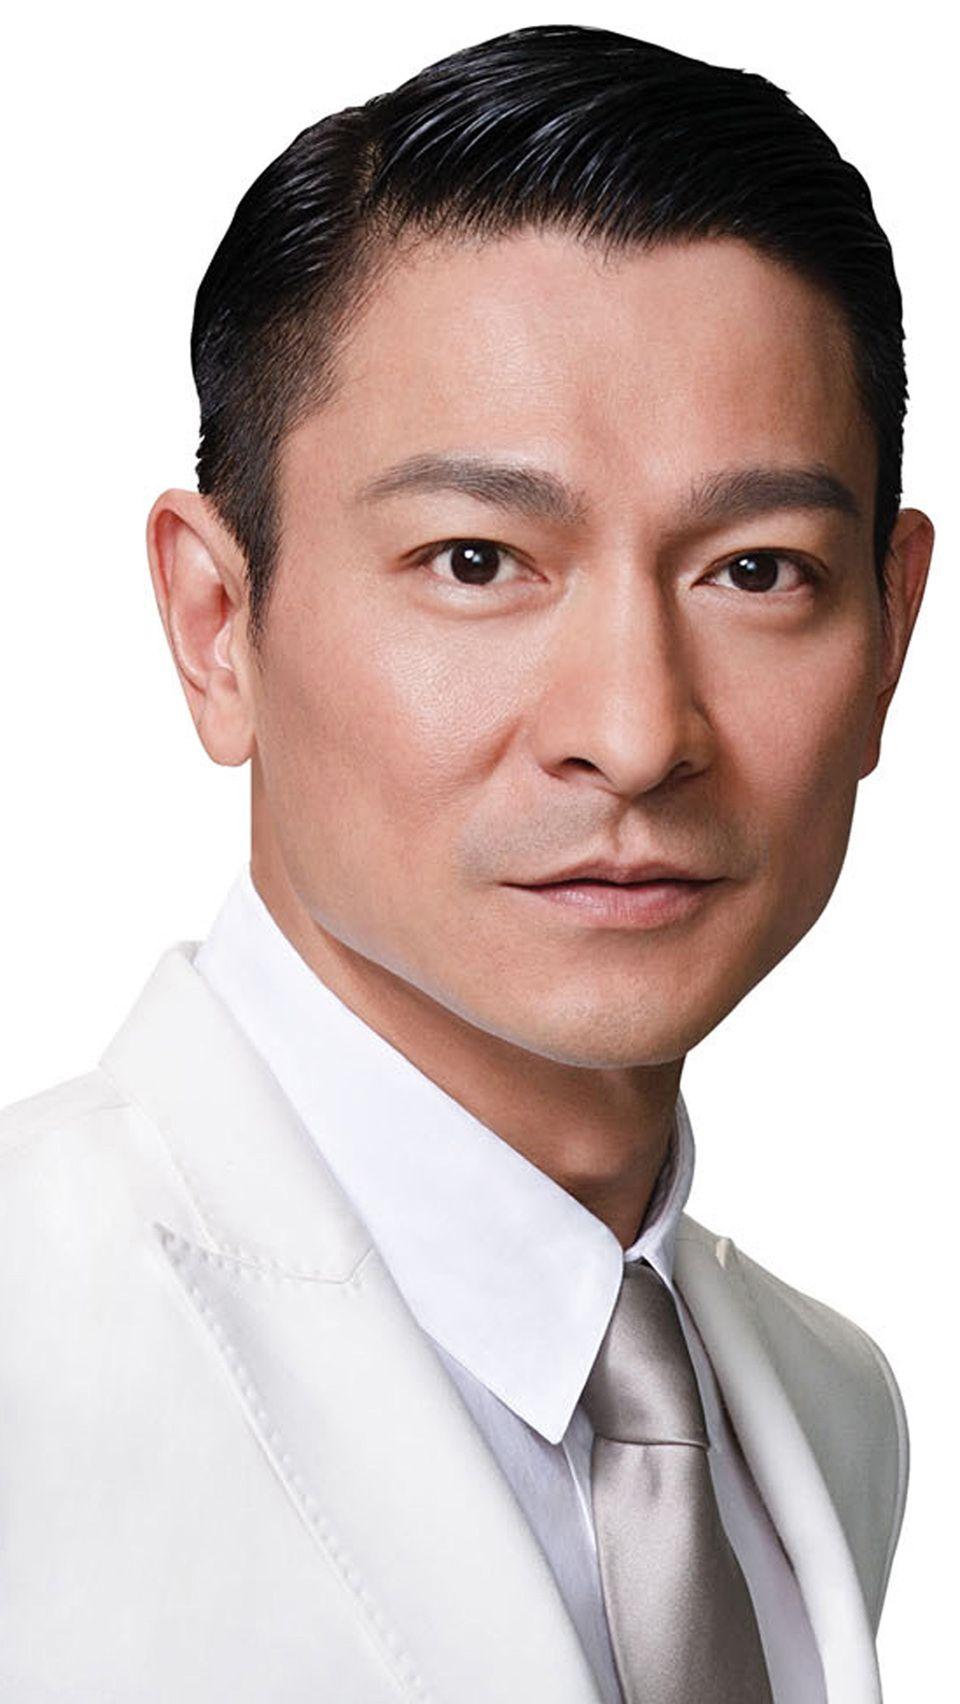 актеры китайцы фото завод всегда был